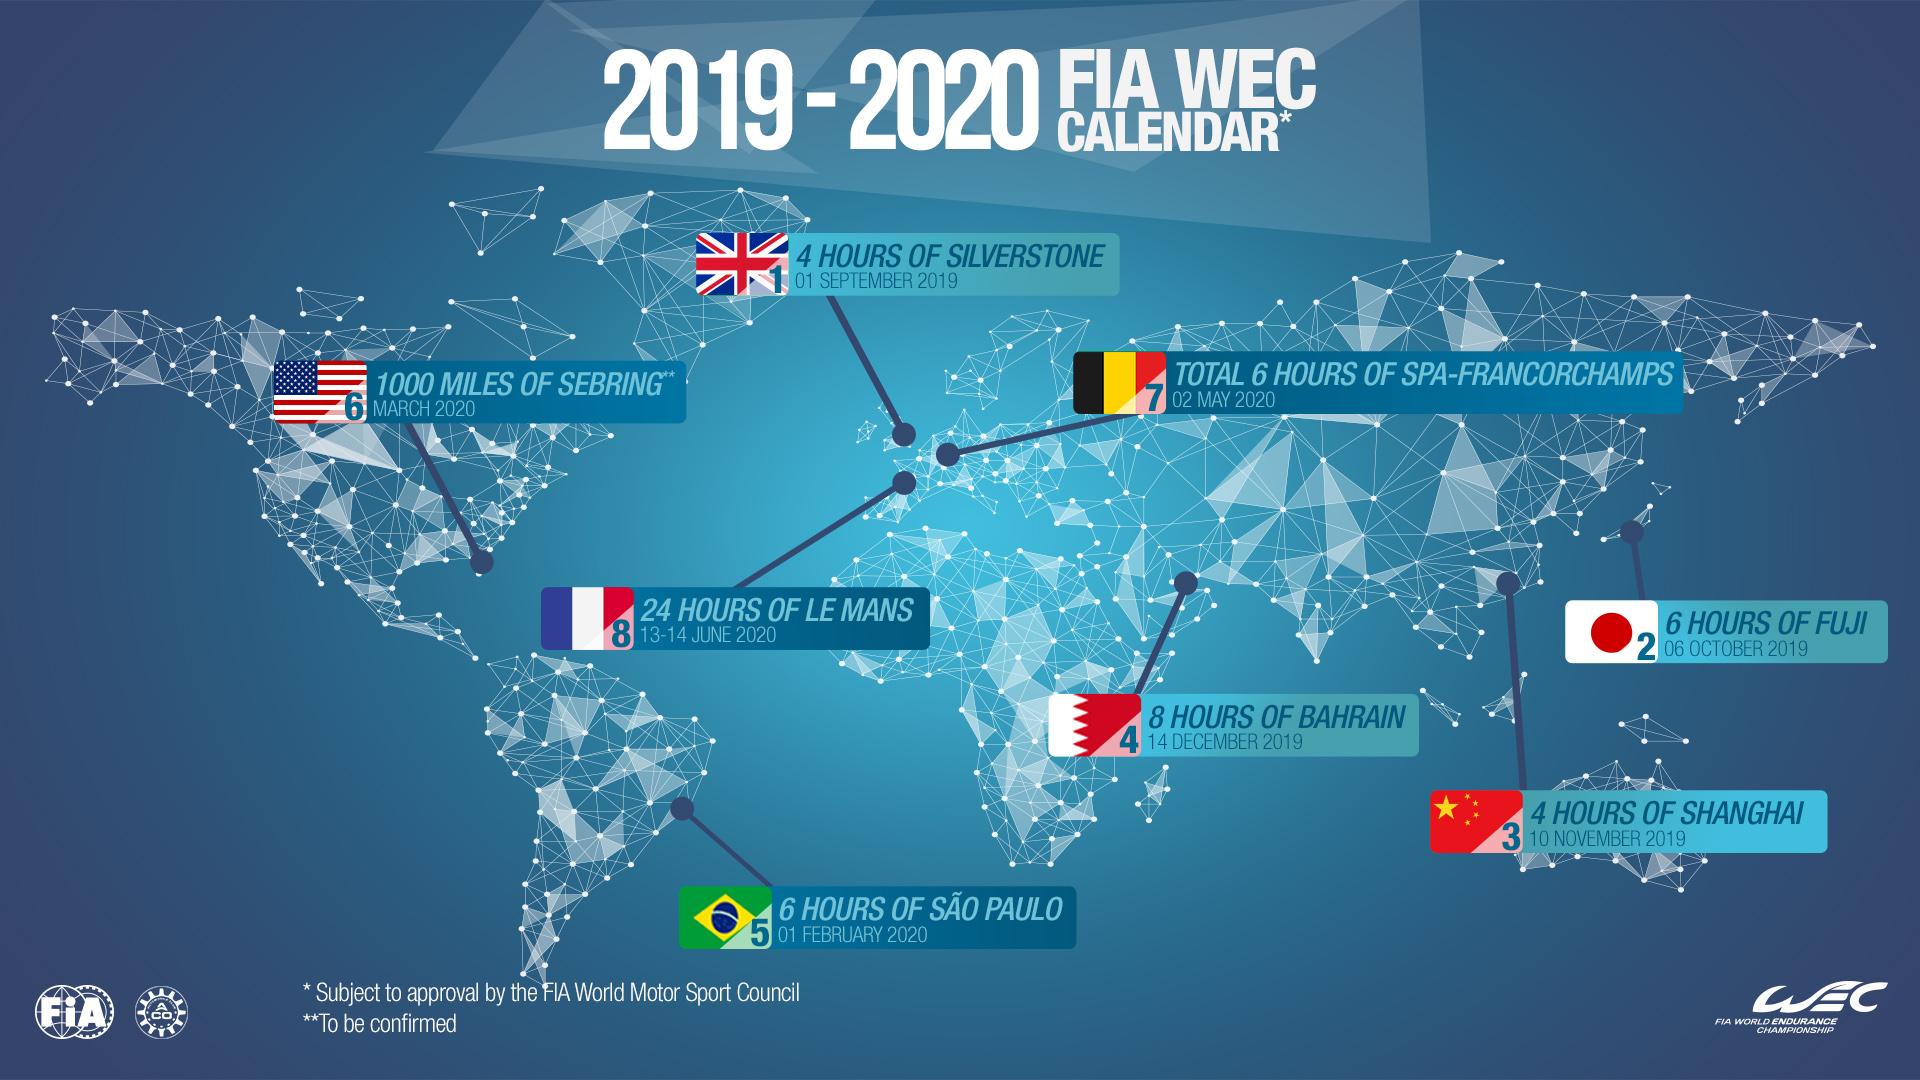 WEC-Calendar_2019-2020.jpg